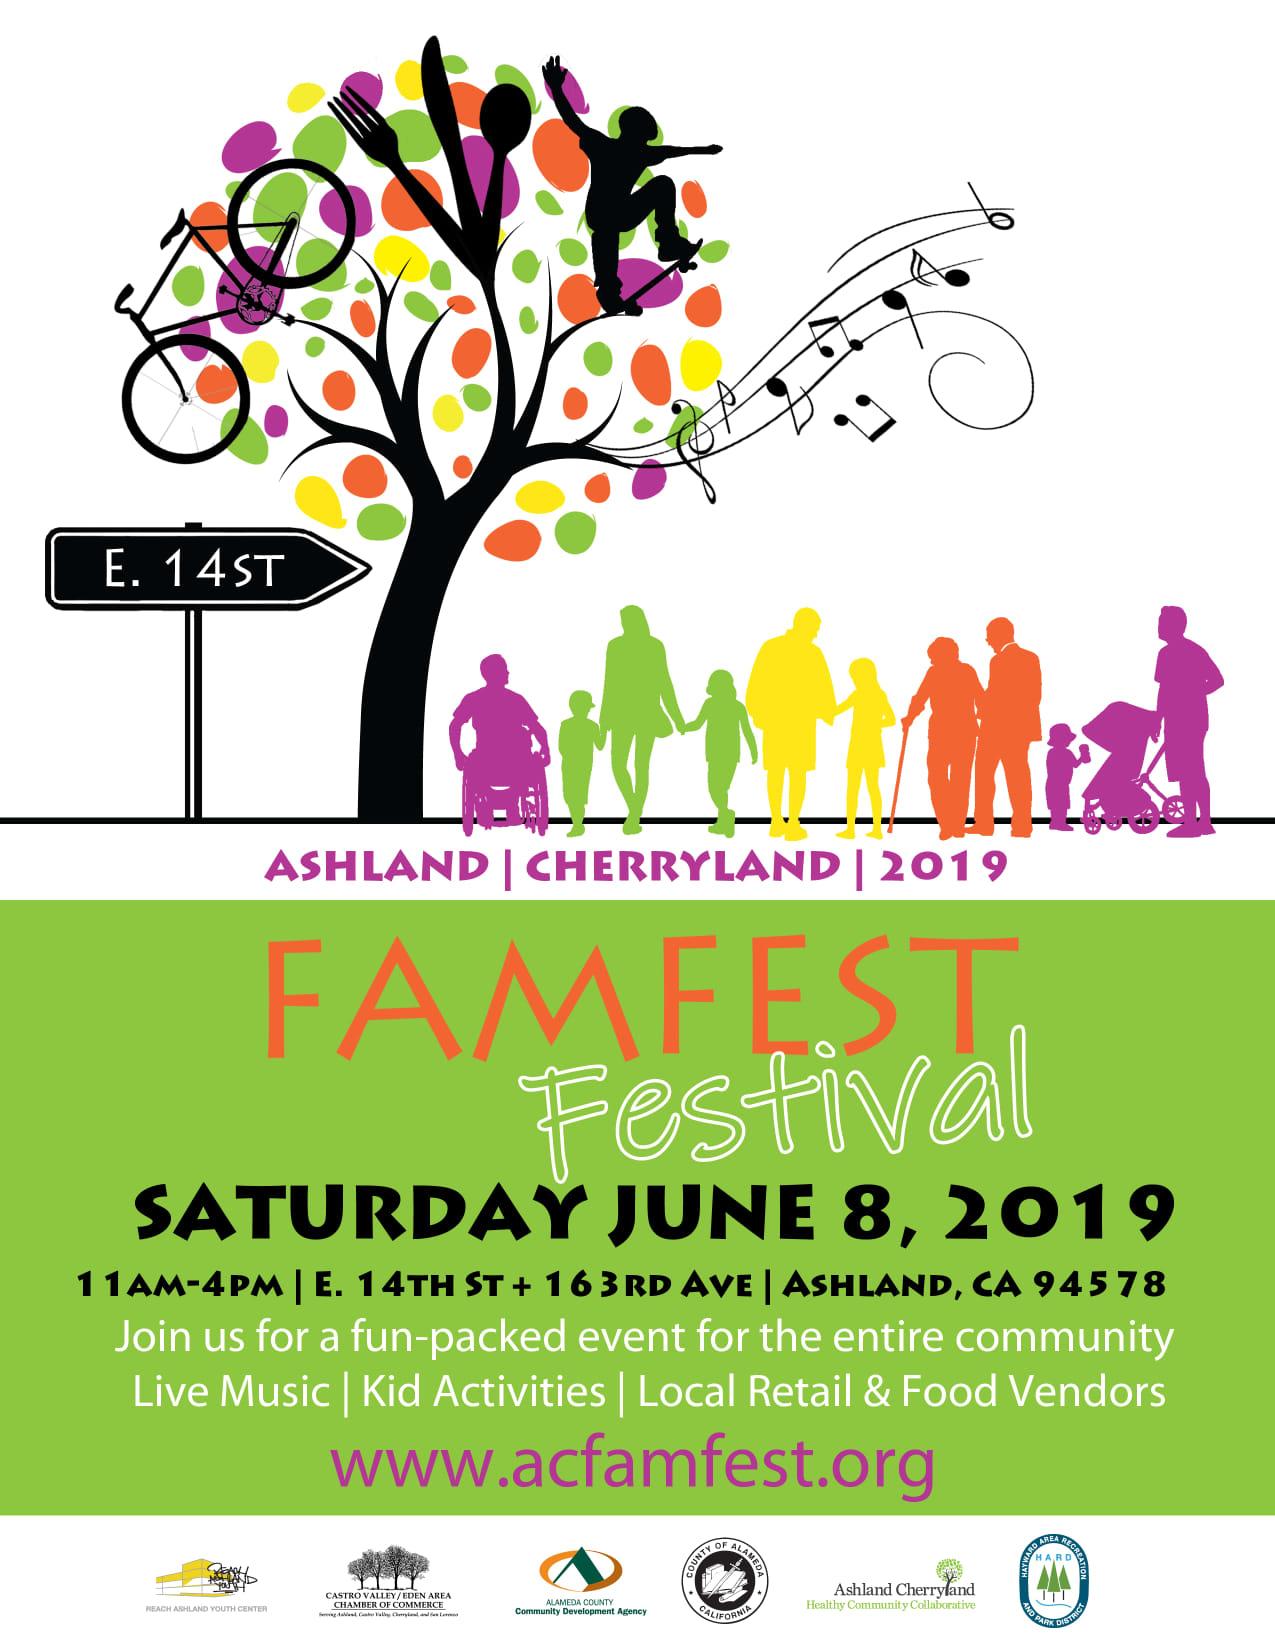 Famfest-Festival-Flyer-2019-Final(1)-w1275.jpg